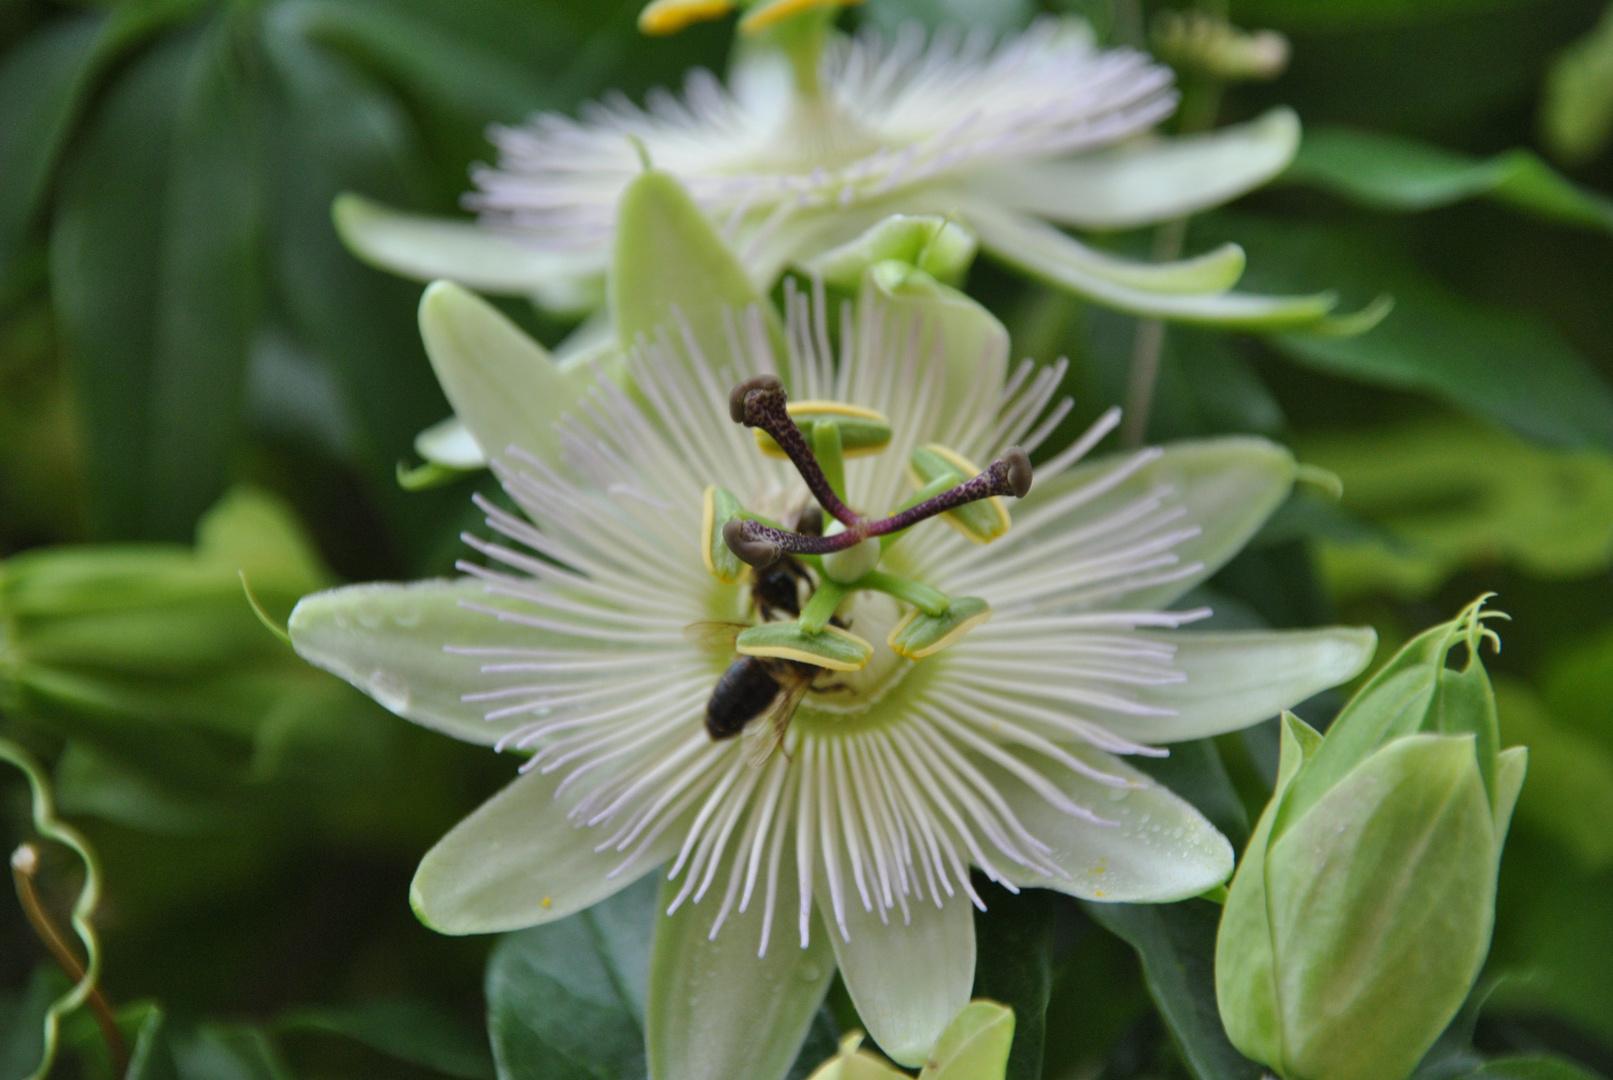 Eine ausserordentlich schöne Blumenart ergibt sich dem Betrachter